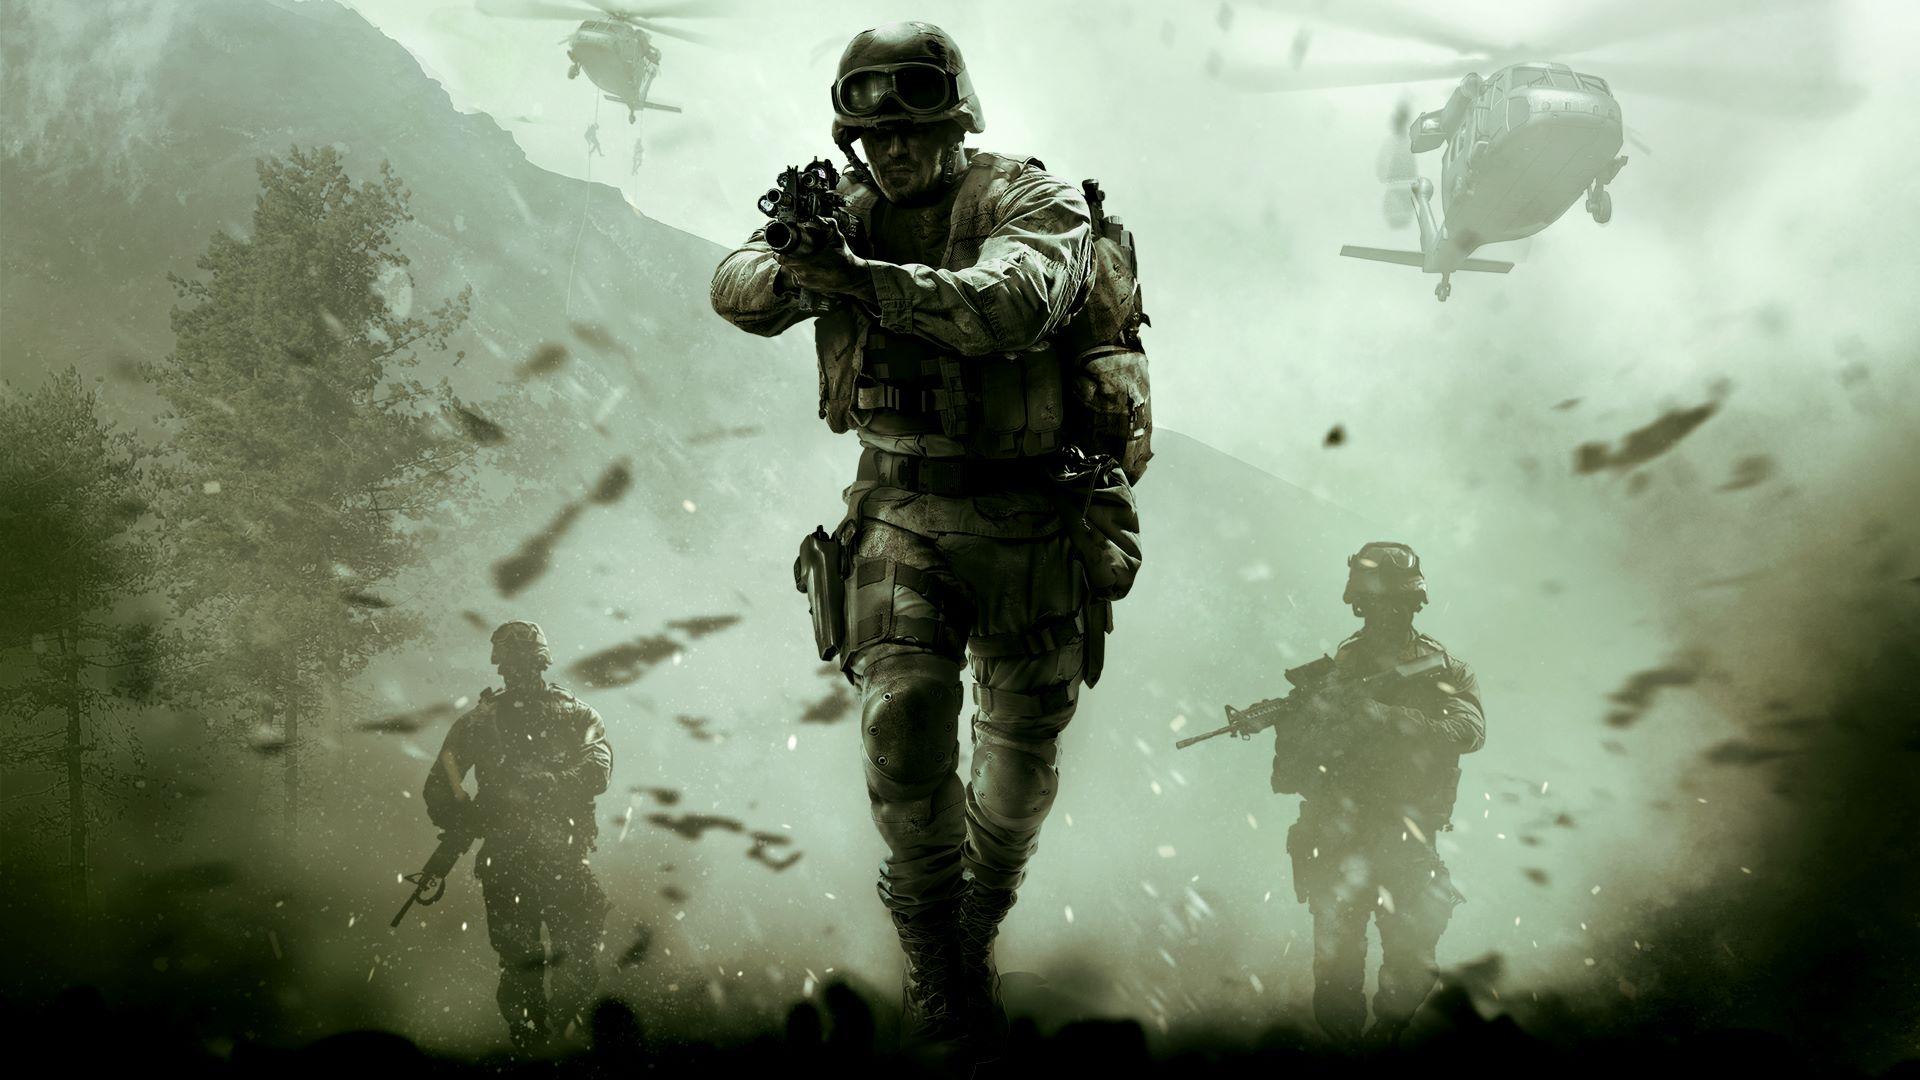 มีลุ้นเปิดตัว Call of Duty ใหม่เดือนหน้า ตัวเกมพัฒนาโดย Infinity Ward